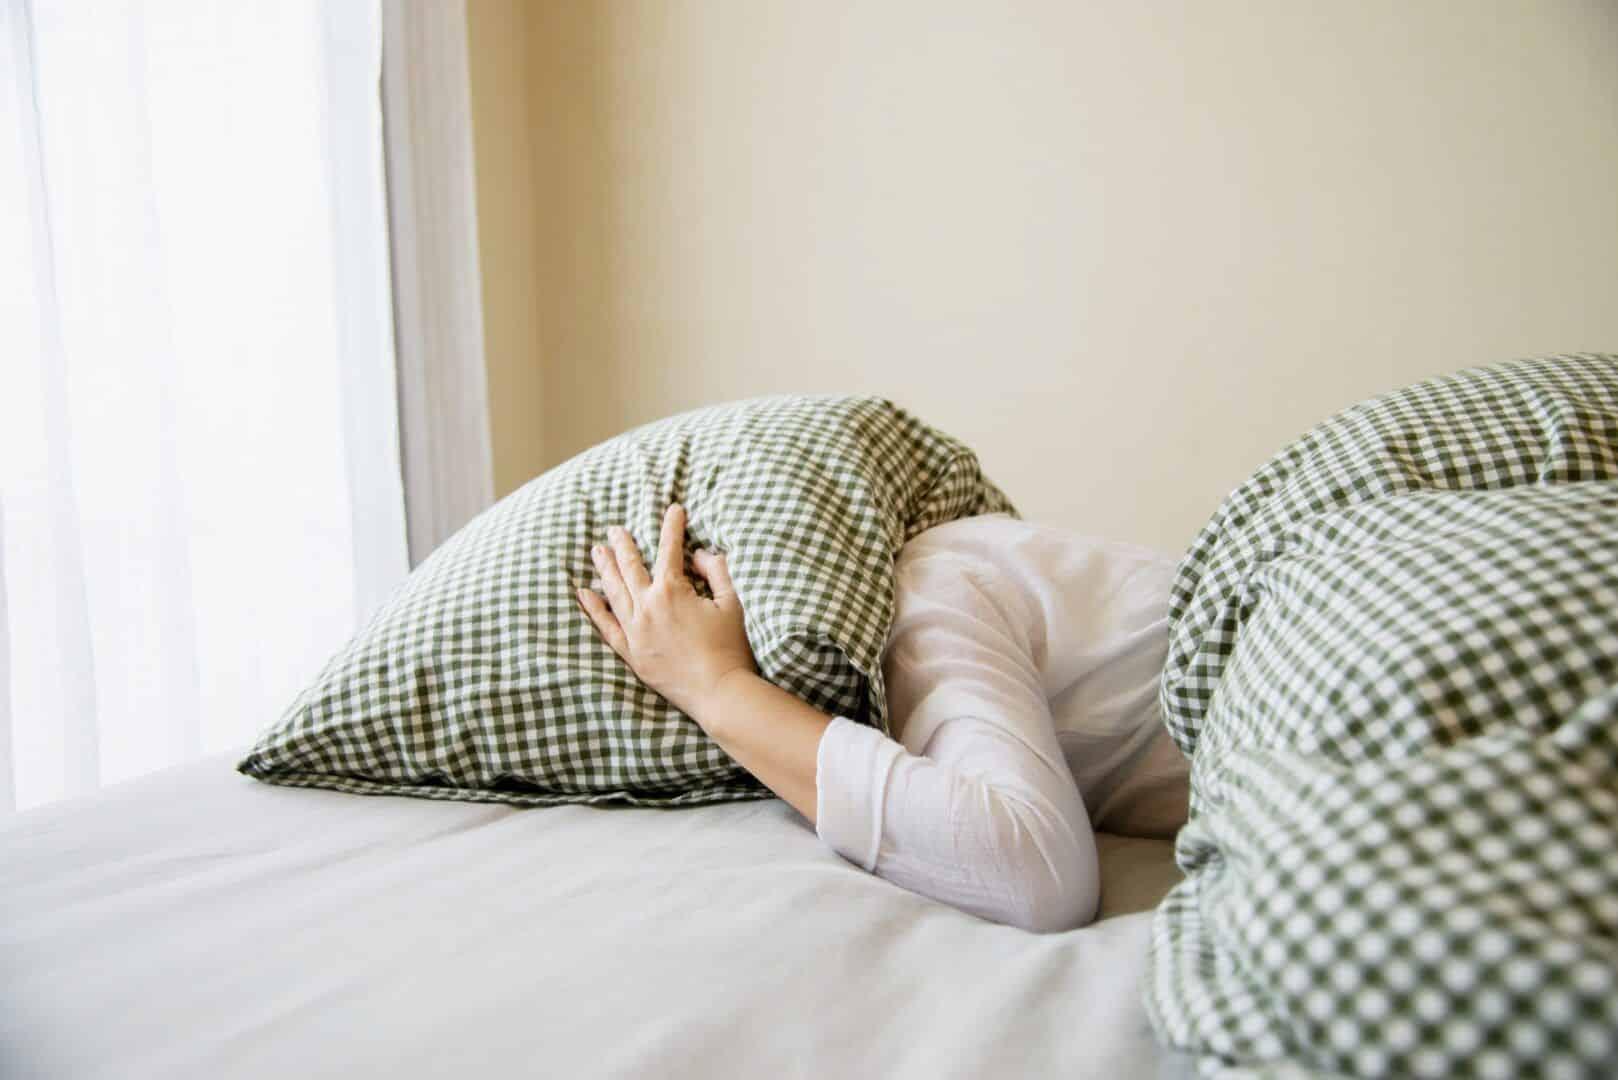 Dormir pouco - Quais os problemas causados pela falta de sono?